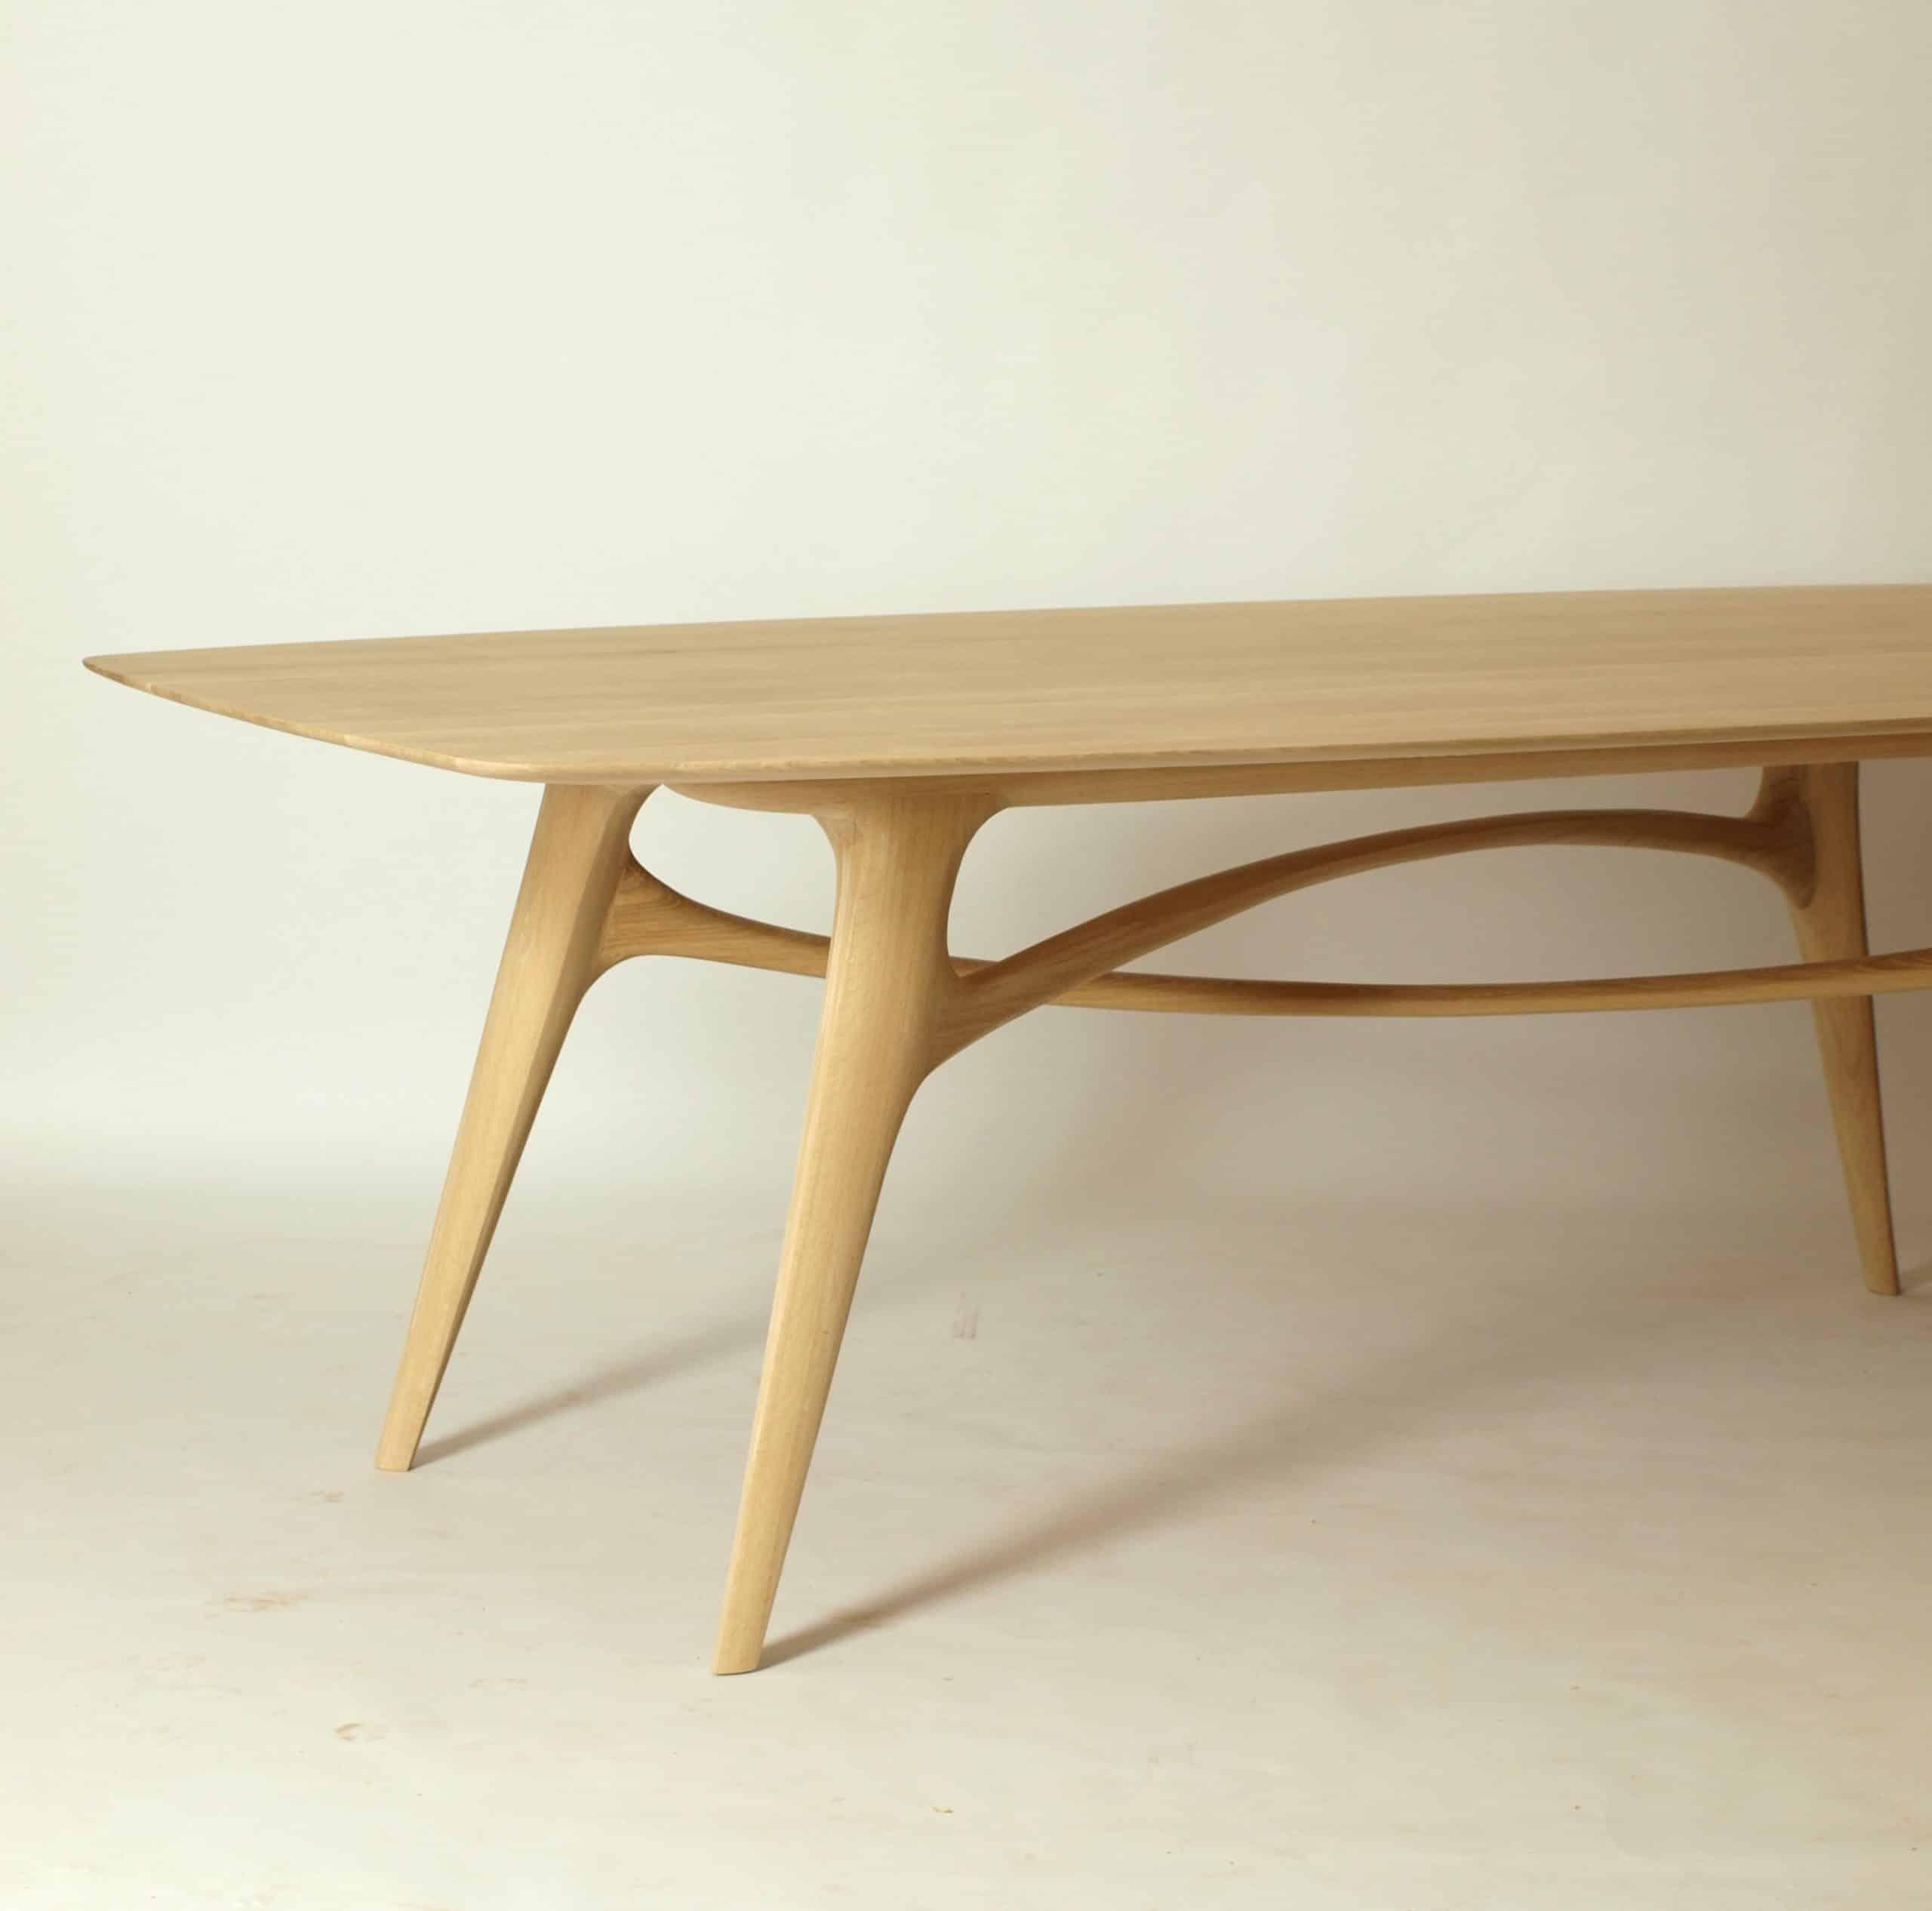 Holztisch aus Eiche, große Tischplatte, Modellauswahl